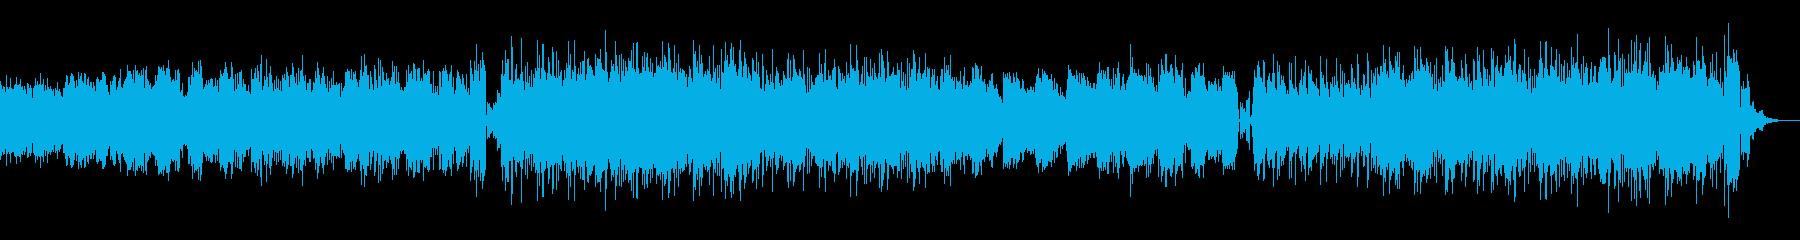 スフレのように柔らかい音色のテクノの再生済みの波形